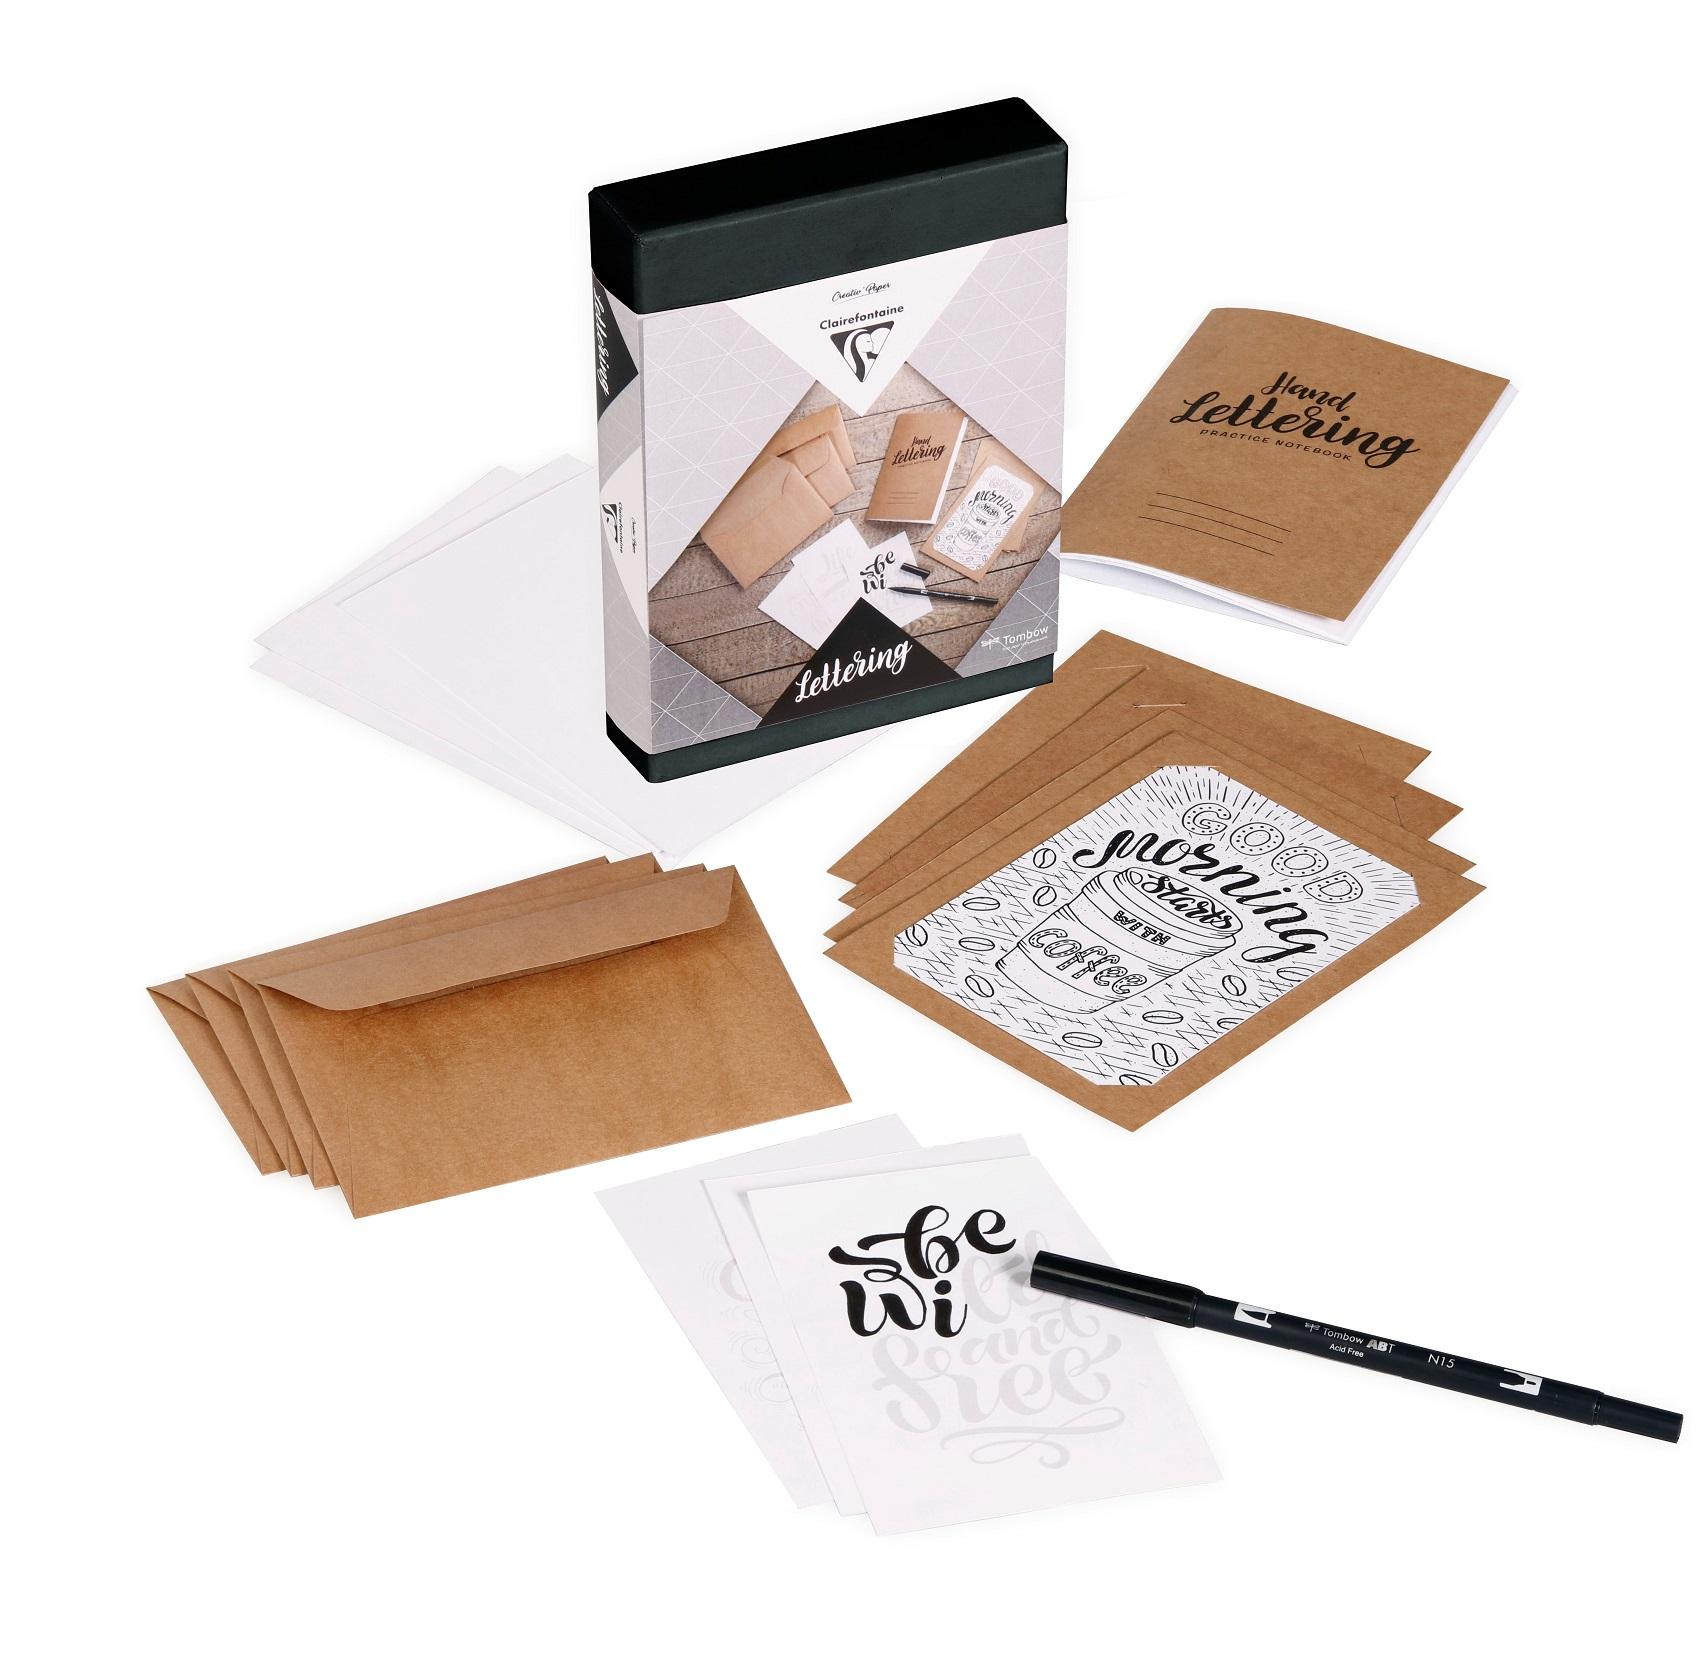 Clairefontaine 97704C – Eine kreative Box für Erwachsene – Lettering